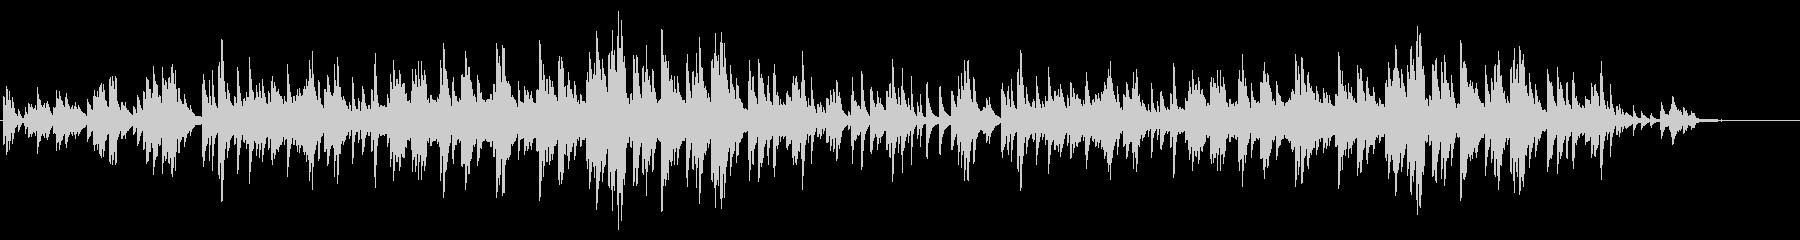 動画や店内BGMに使いやすい、ピアノソロの未再生の波形